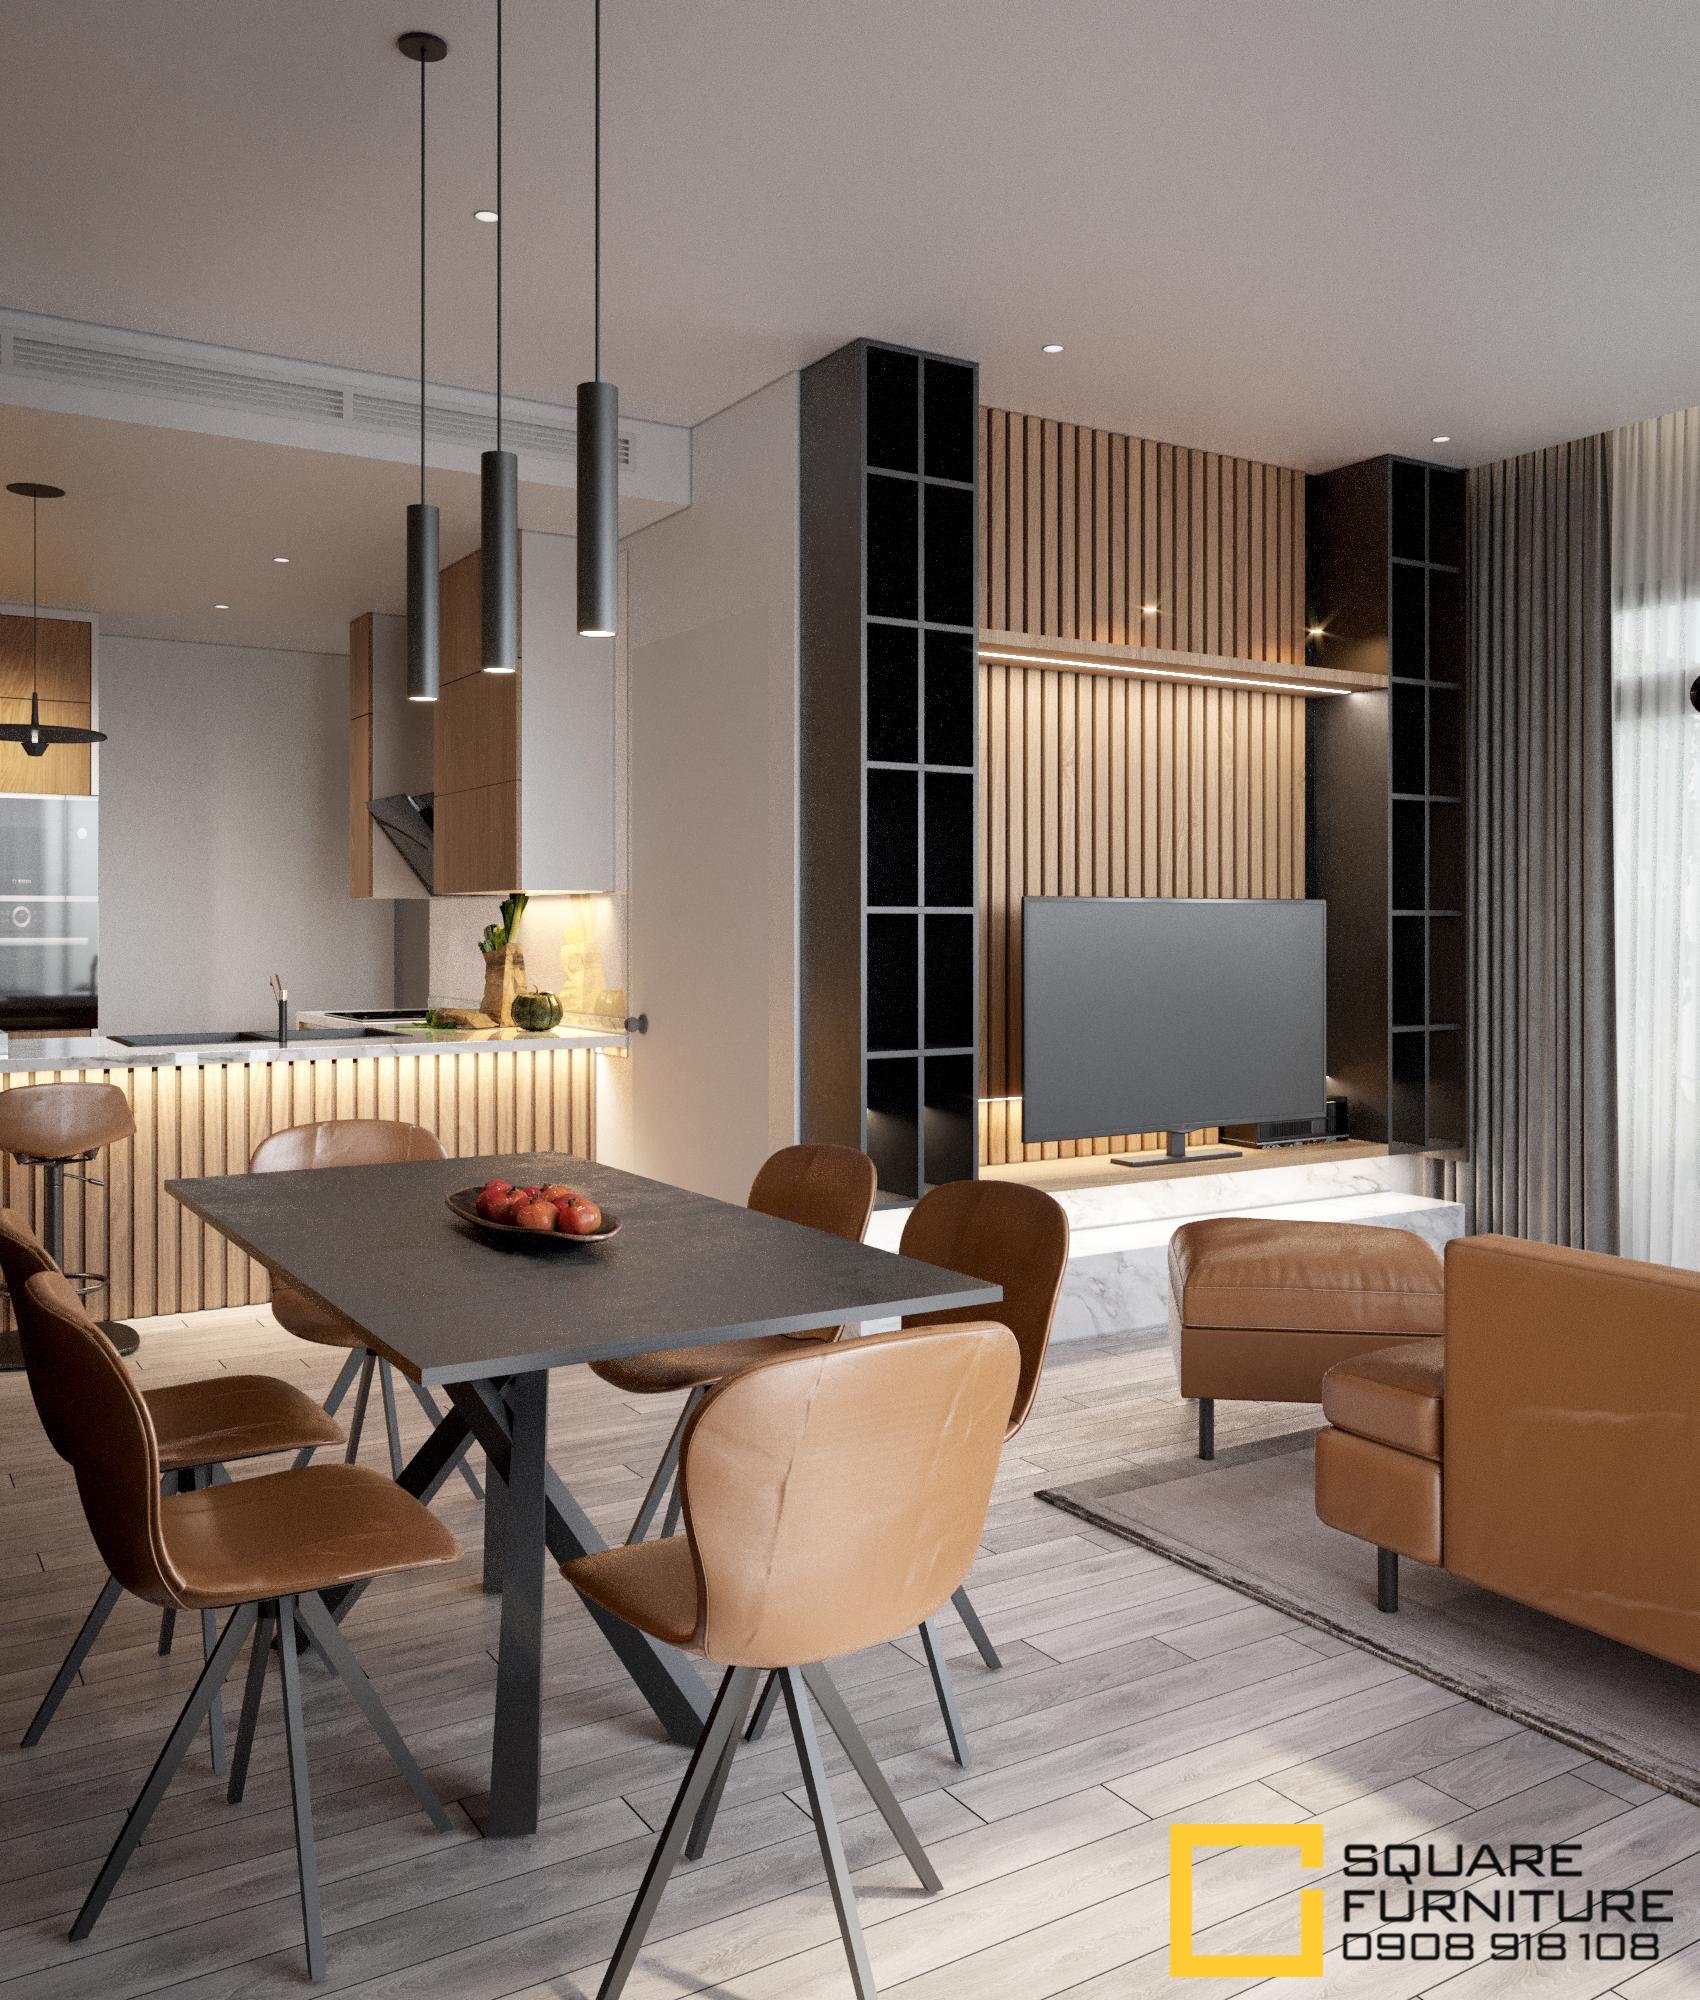 thiết kế nội thất chung cư tại Hồ Chí Minh Căn hộ Haiwaii Đảo Kim Cương 1 1559032072